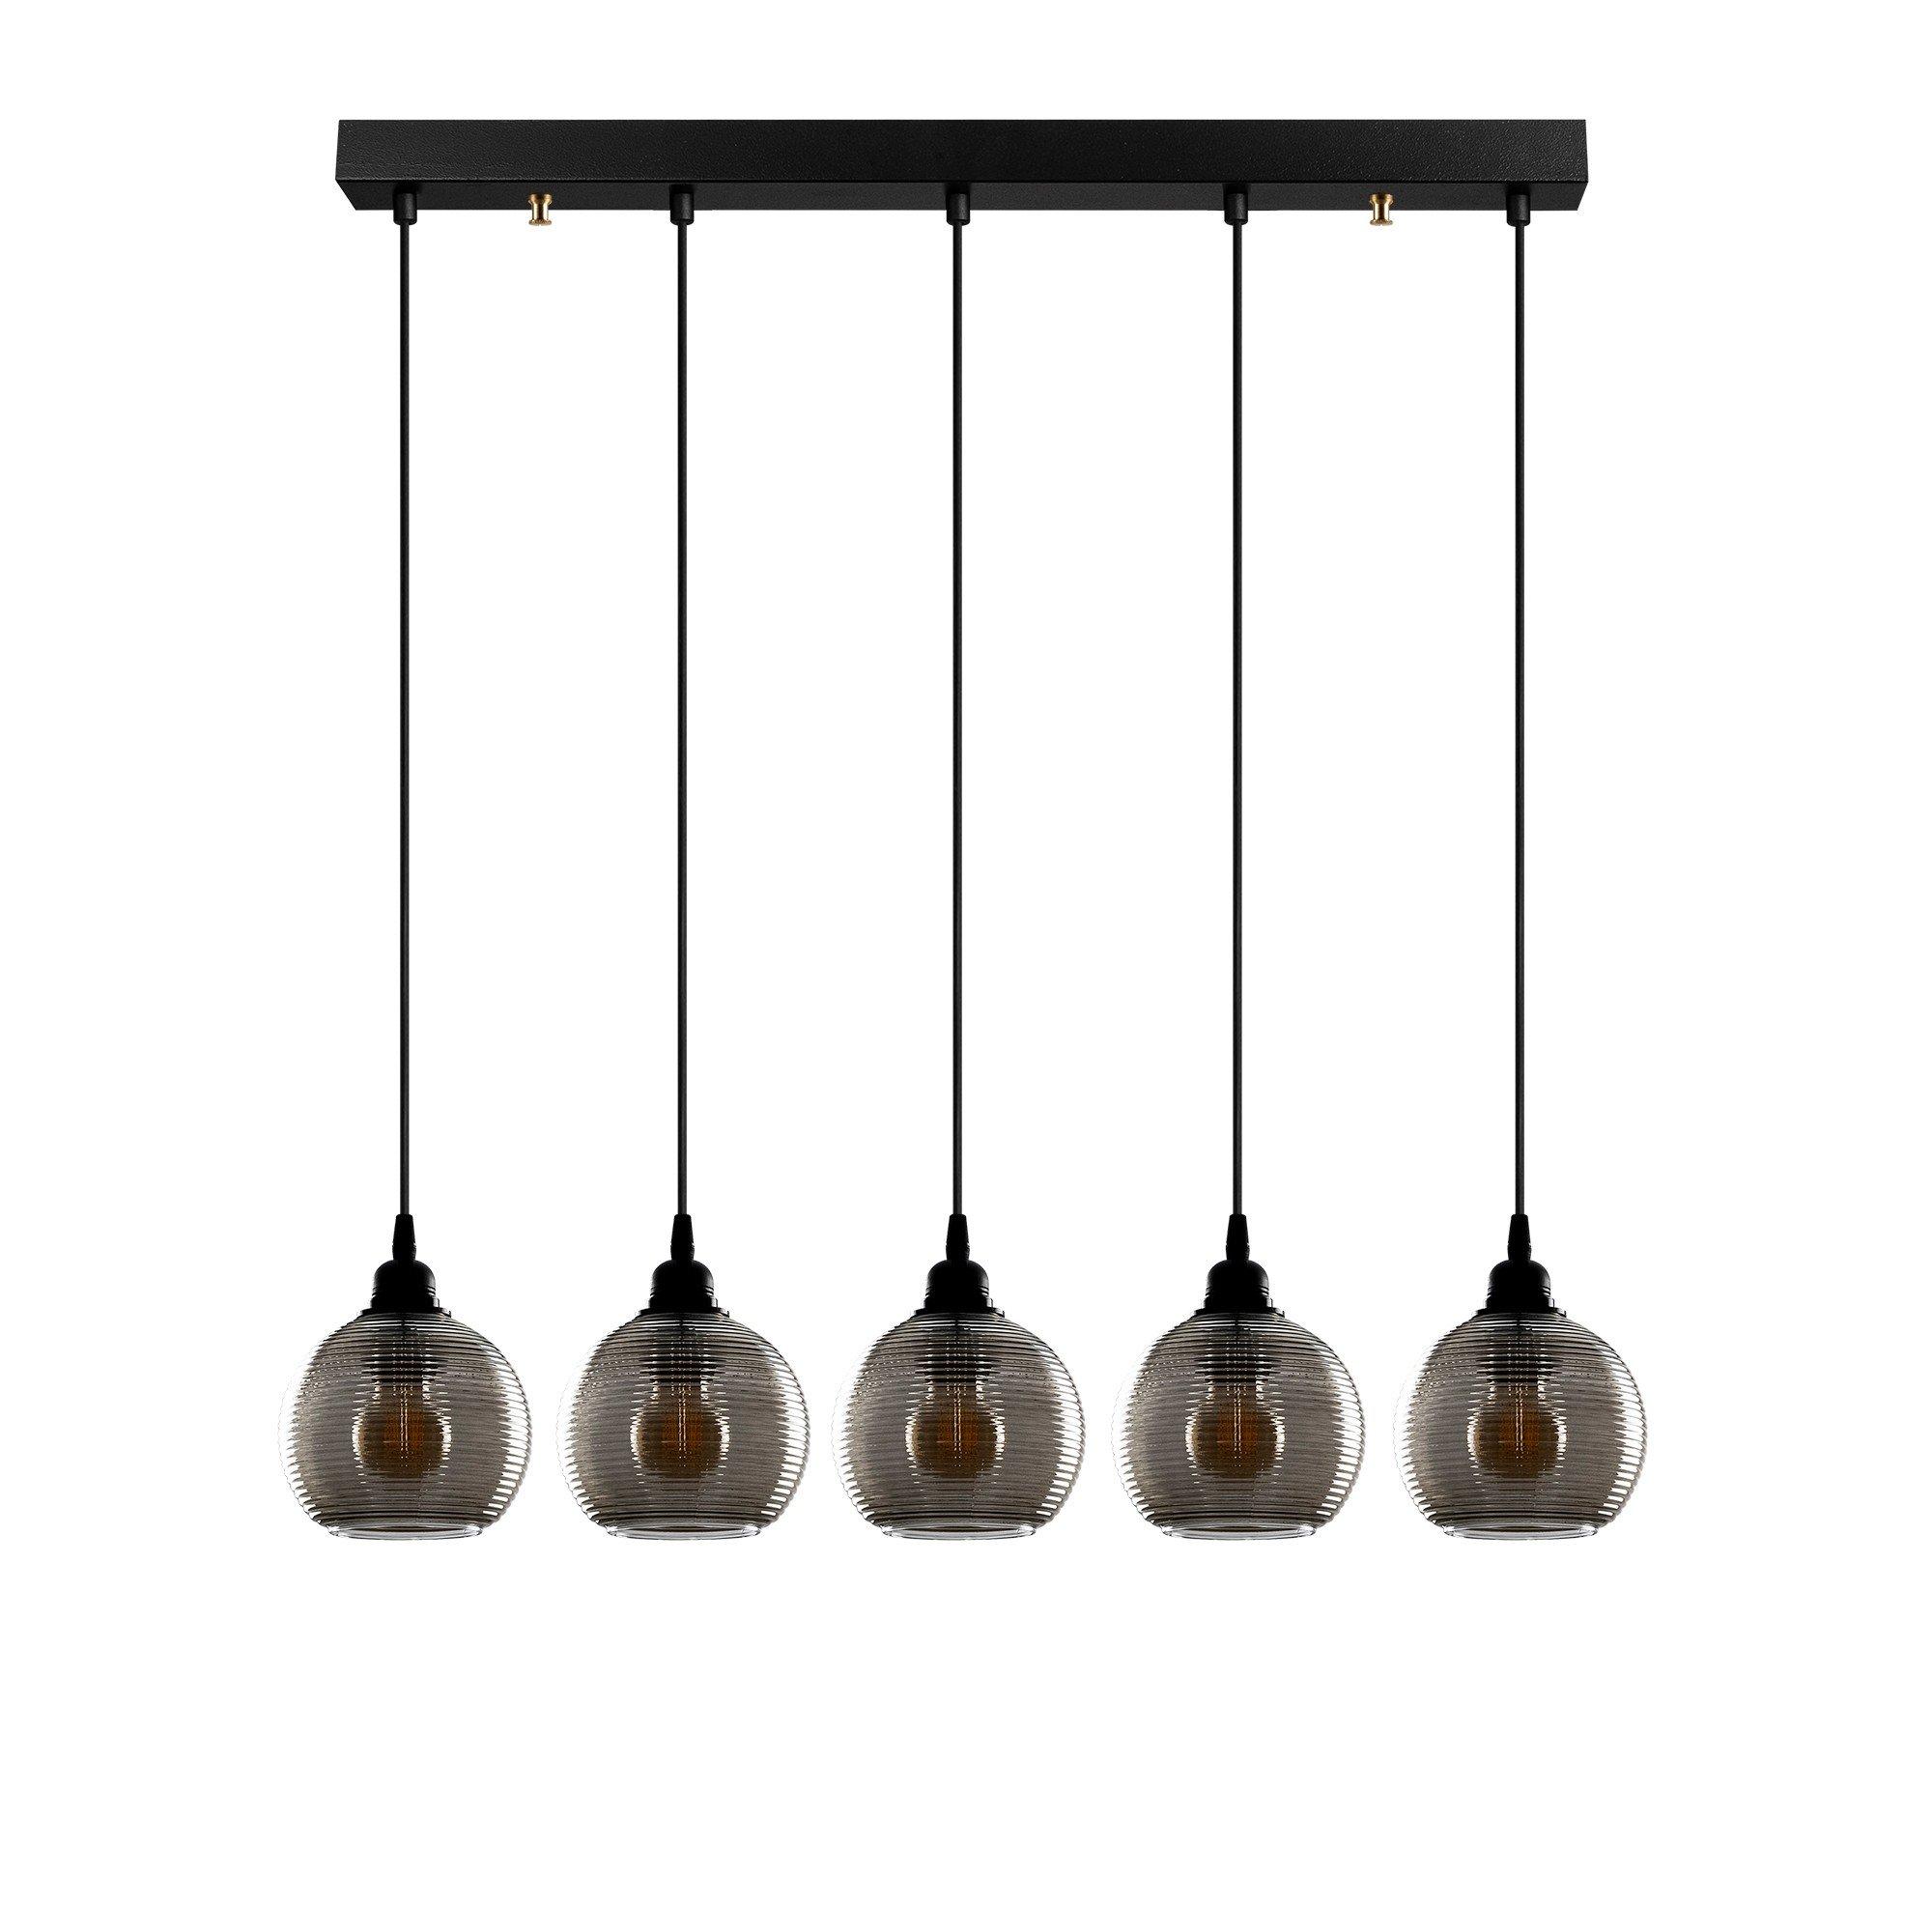 Hanglamp smoked glass lampen zwart 5 keer E27 fitting - vooraanzicht lampen uit